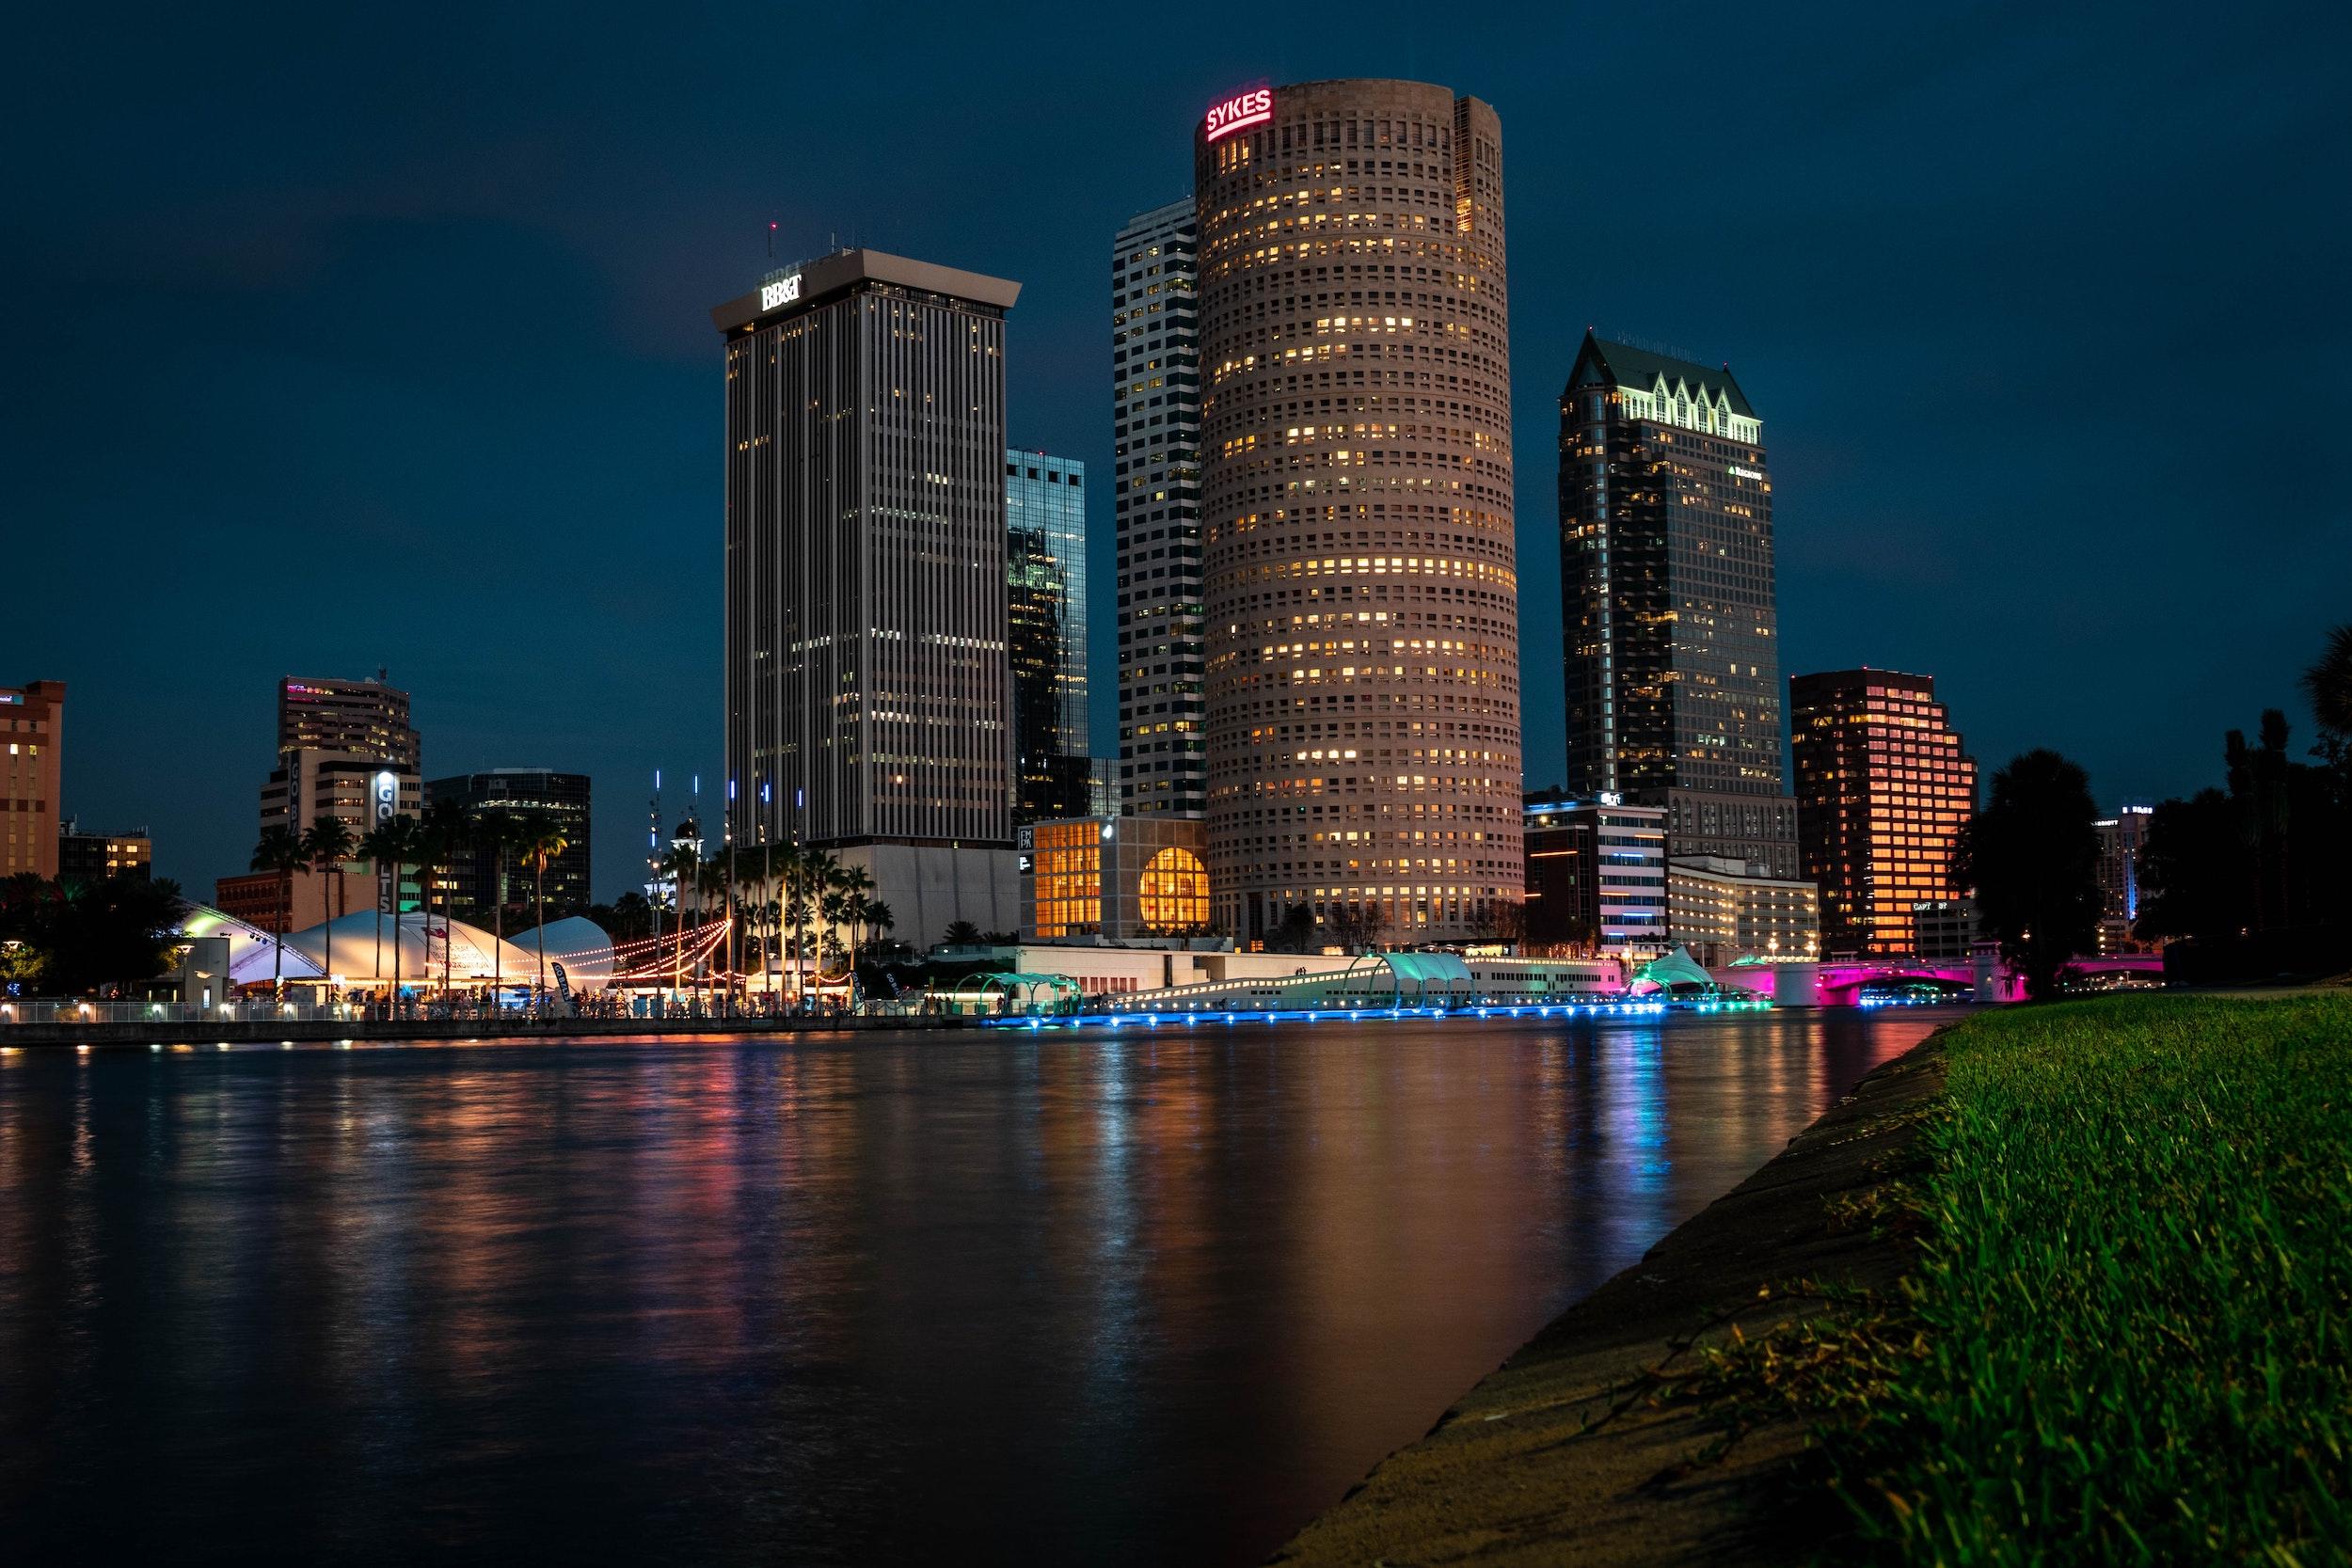 Skyline of Tampa